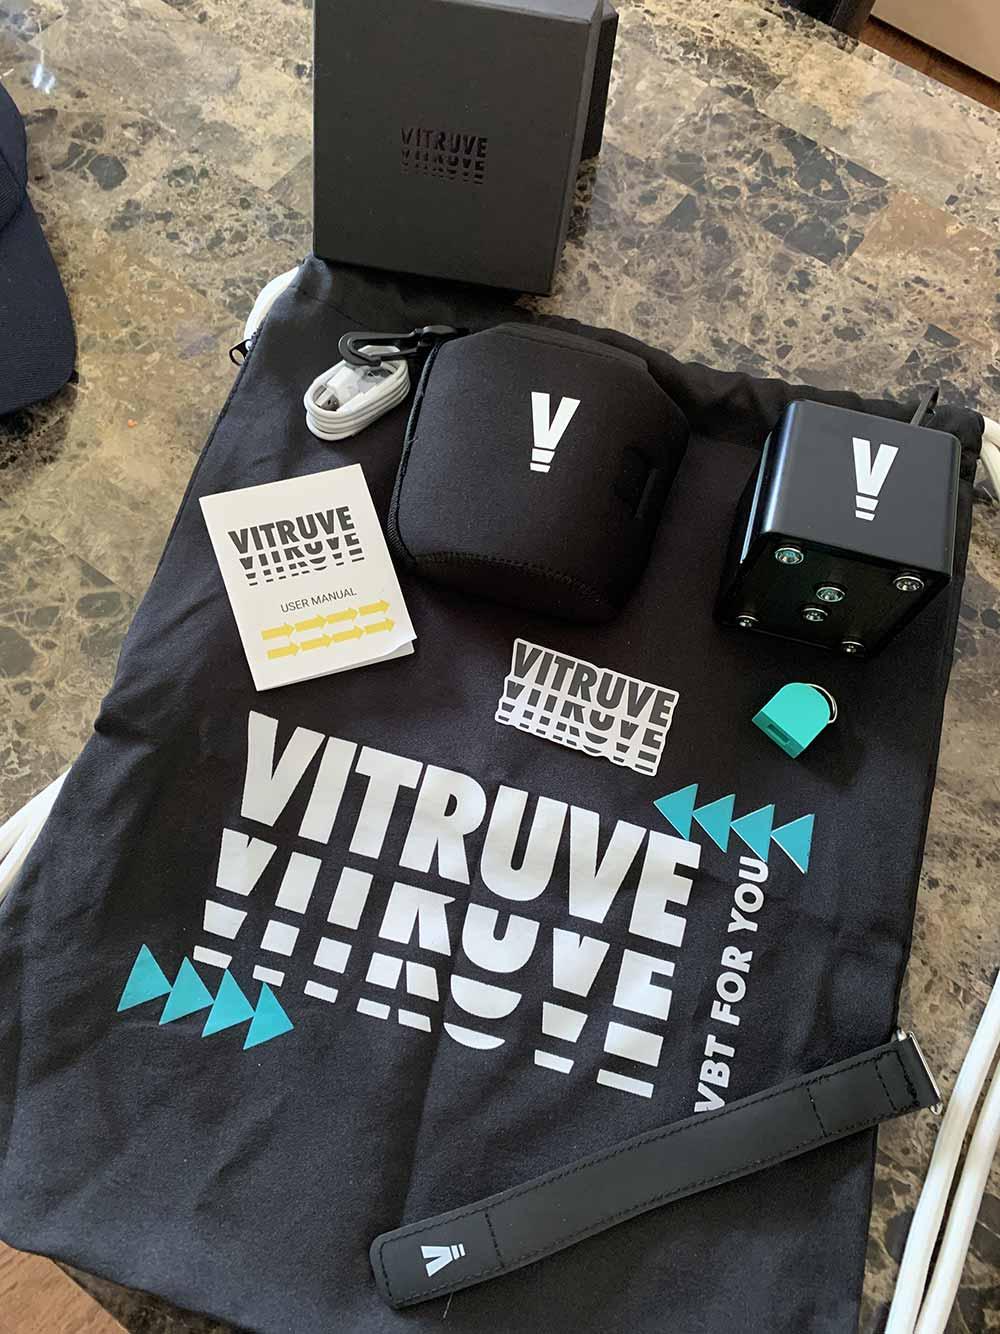 Unboxing Vitruve